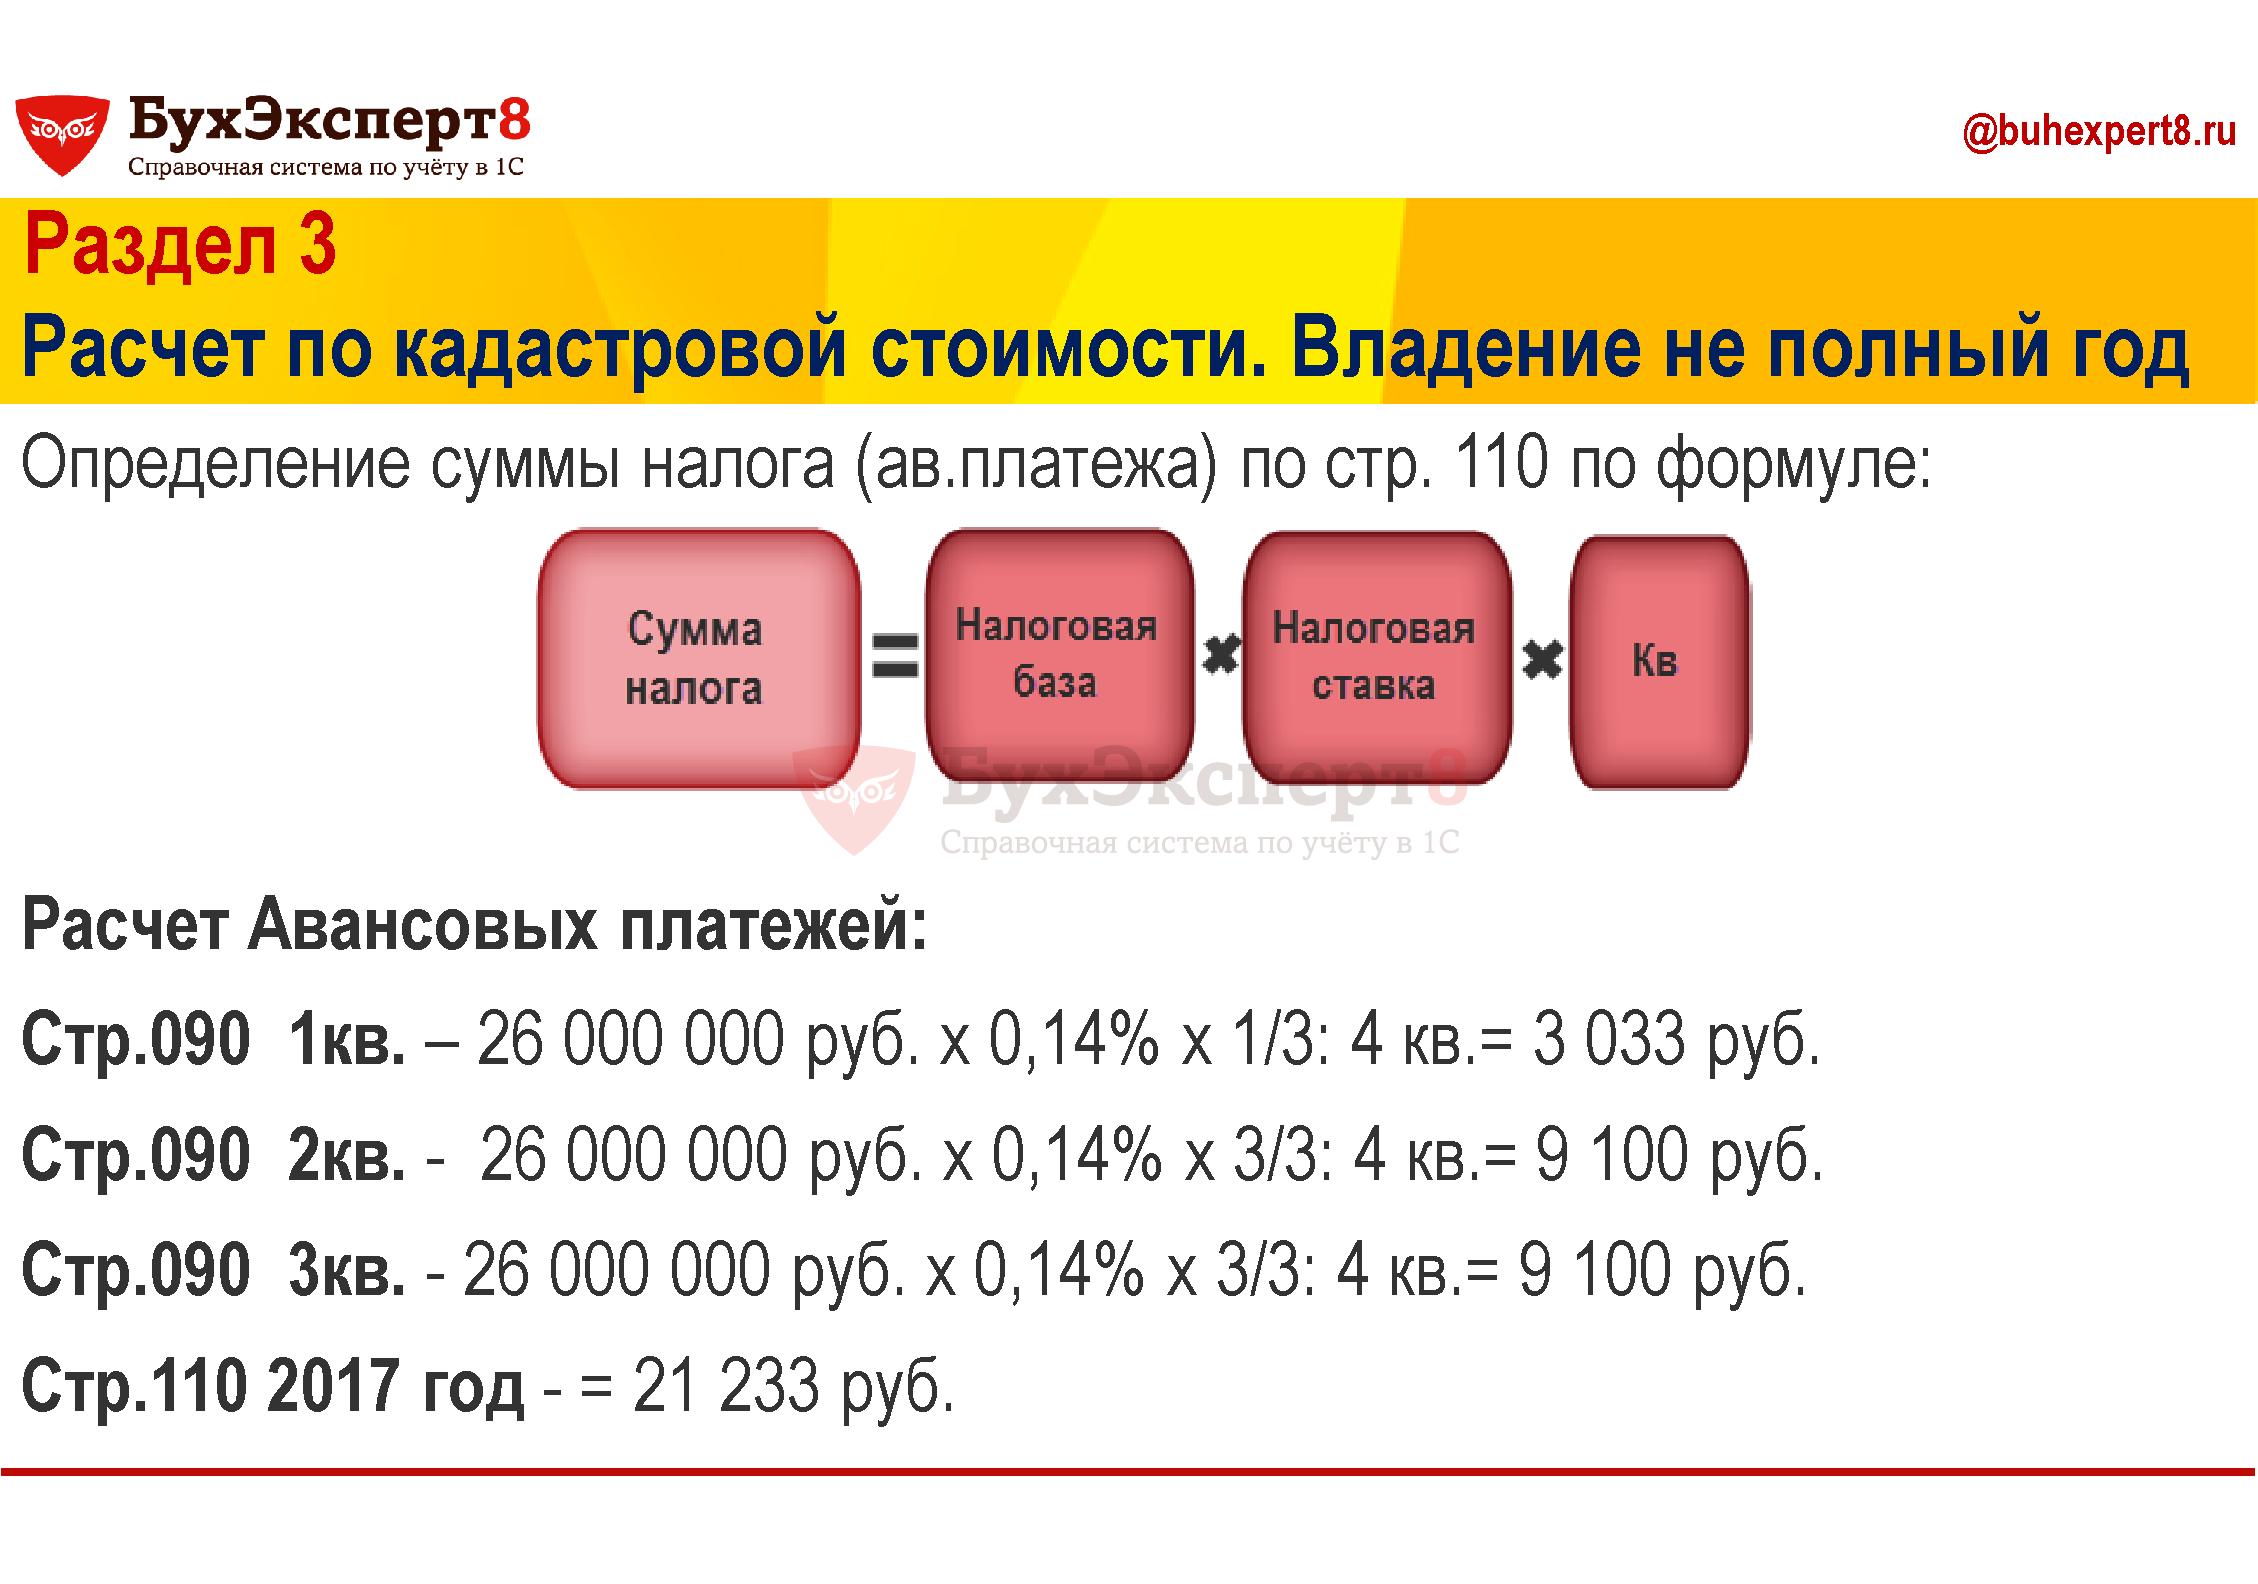 Раздел 3 Расчет по кадастровой стоимости. Владение не полный год Определение суммы налога (ав.платежа) по стр. 110 по формуле: Расчет Авансовых платежей: Стр.090 1кв. – 26 000 000 руб. х 0,14% х 1/3: 4 кв.= 3 033 руб. Стр.090 2кв. - 26 000 000 руб. х 0,14% х 3/3: 4 кв.= 9 100 руб. Стр.090 3кв. - 26 000 000 руб. х 0,14% х 3/3: 4 кв.= 9 100 руб. Стр.110 2017 год - = 21 233 руб.